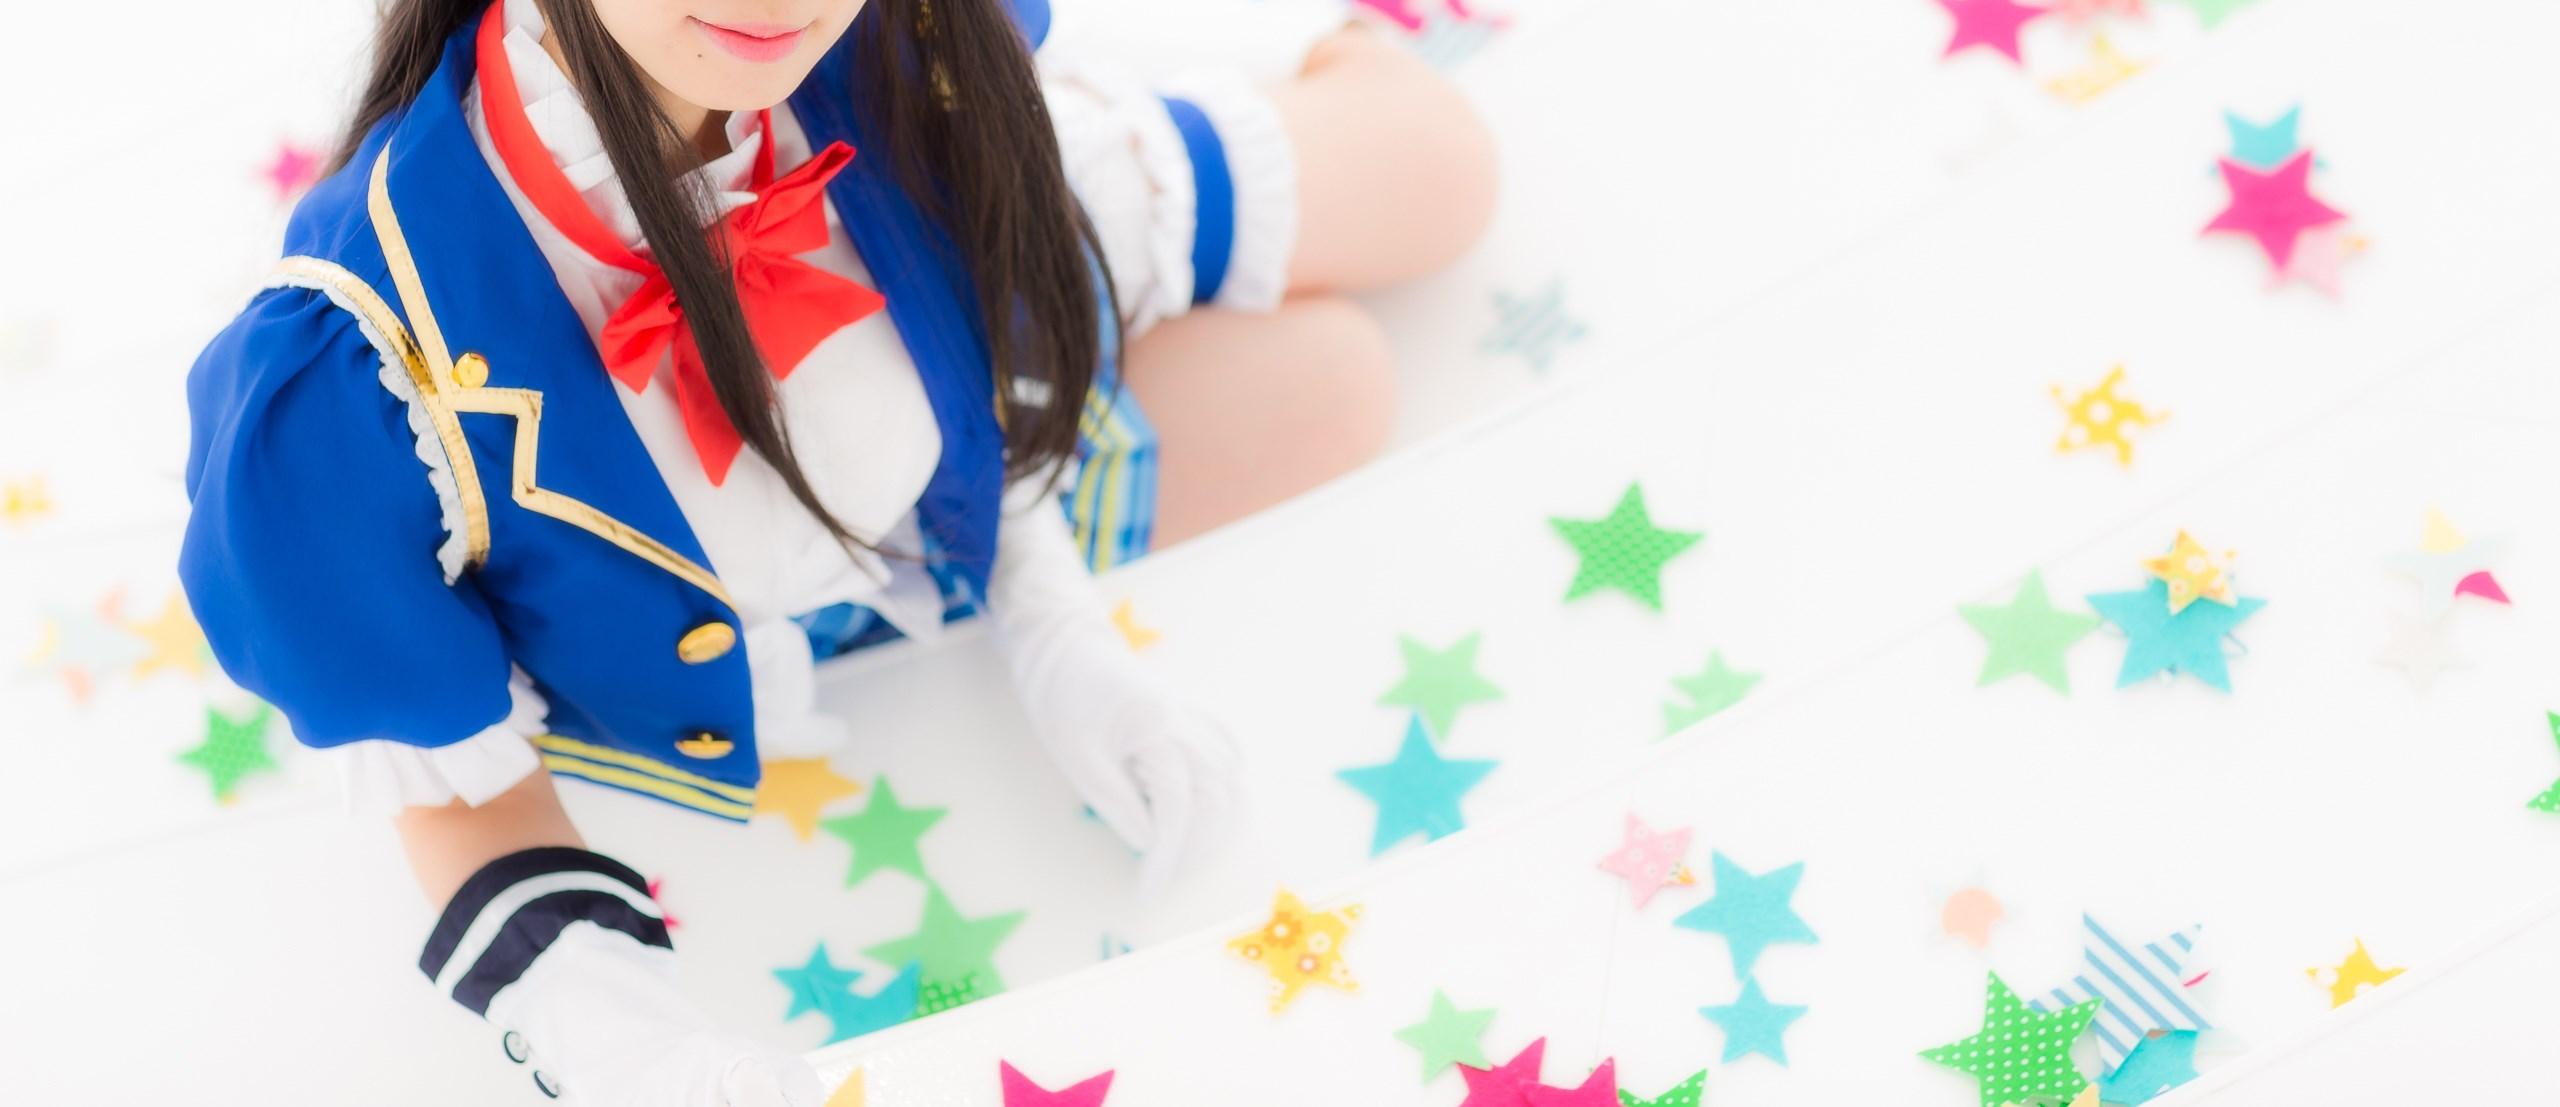 【兔玩映画】少女制服爱豆 兔玩映画 第24张